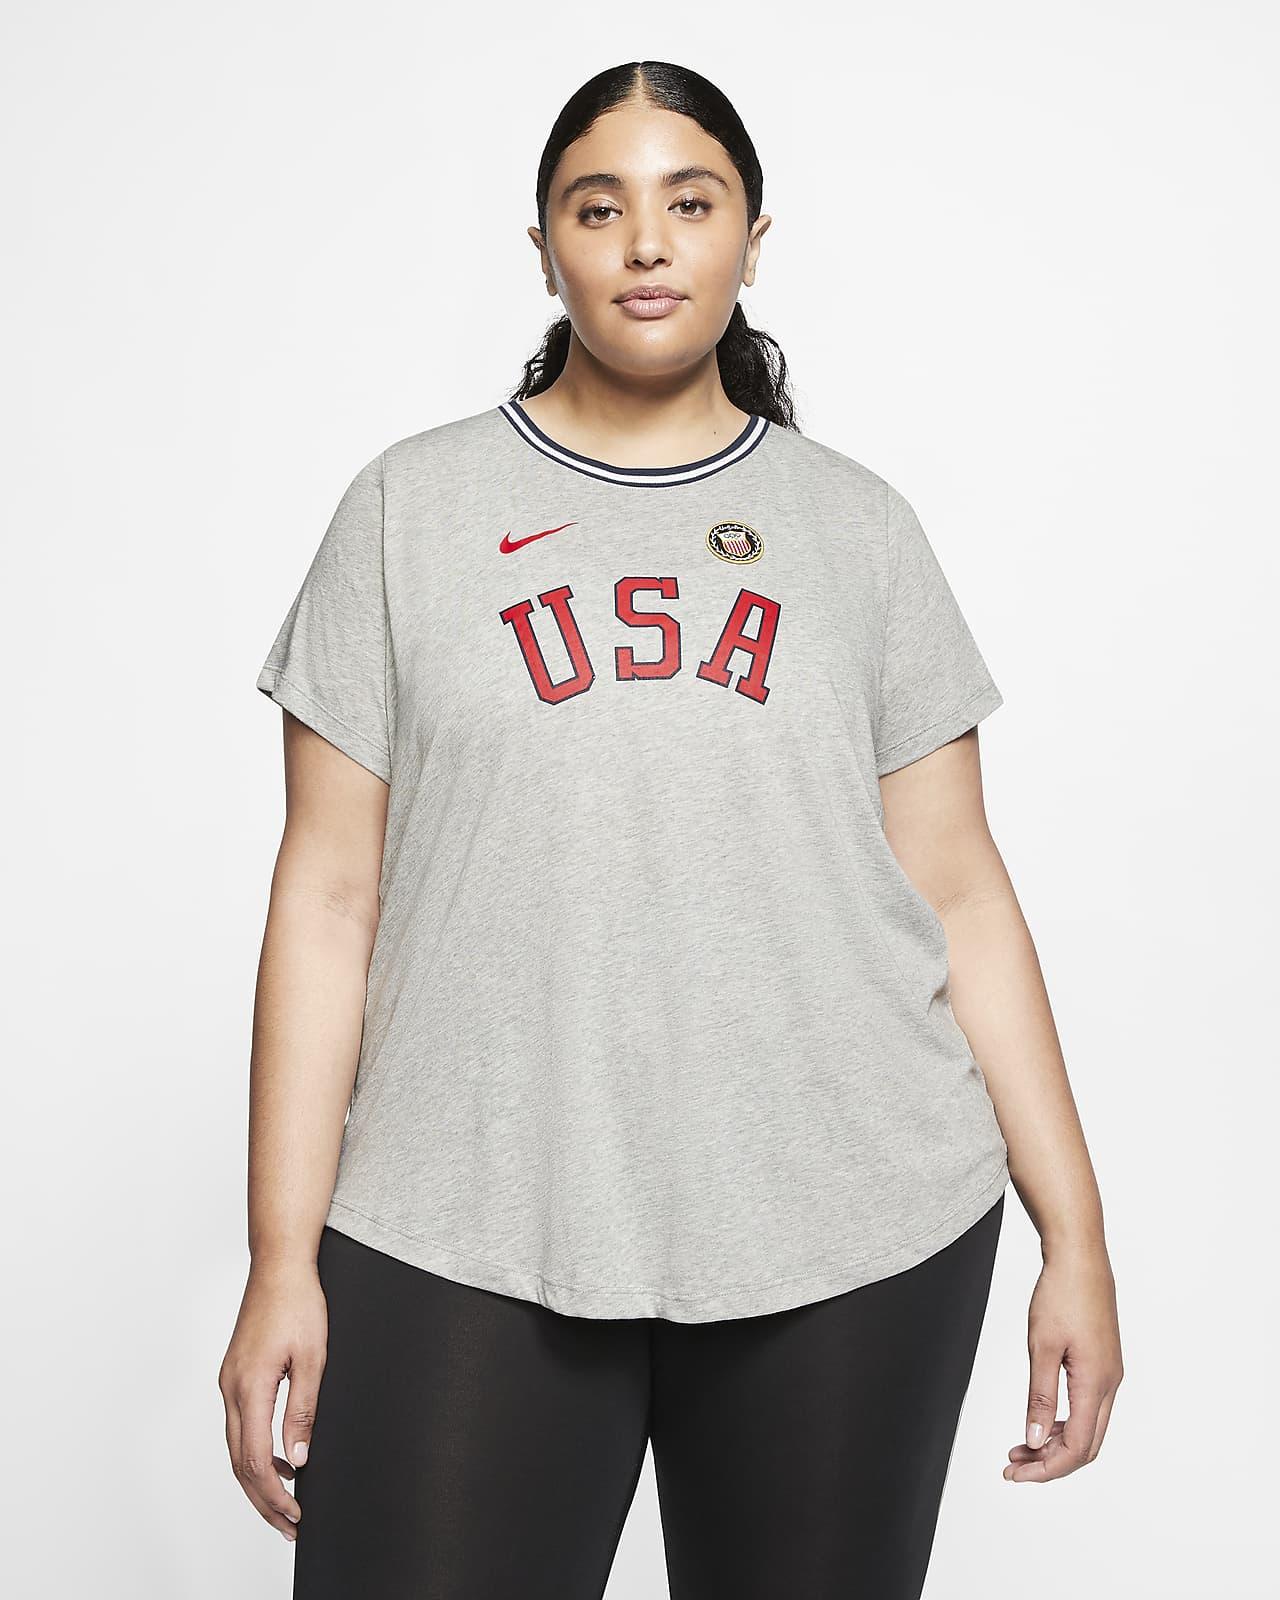 Playera para mujer Nike Team USA (talla grande)